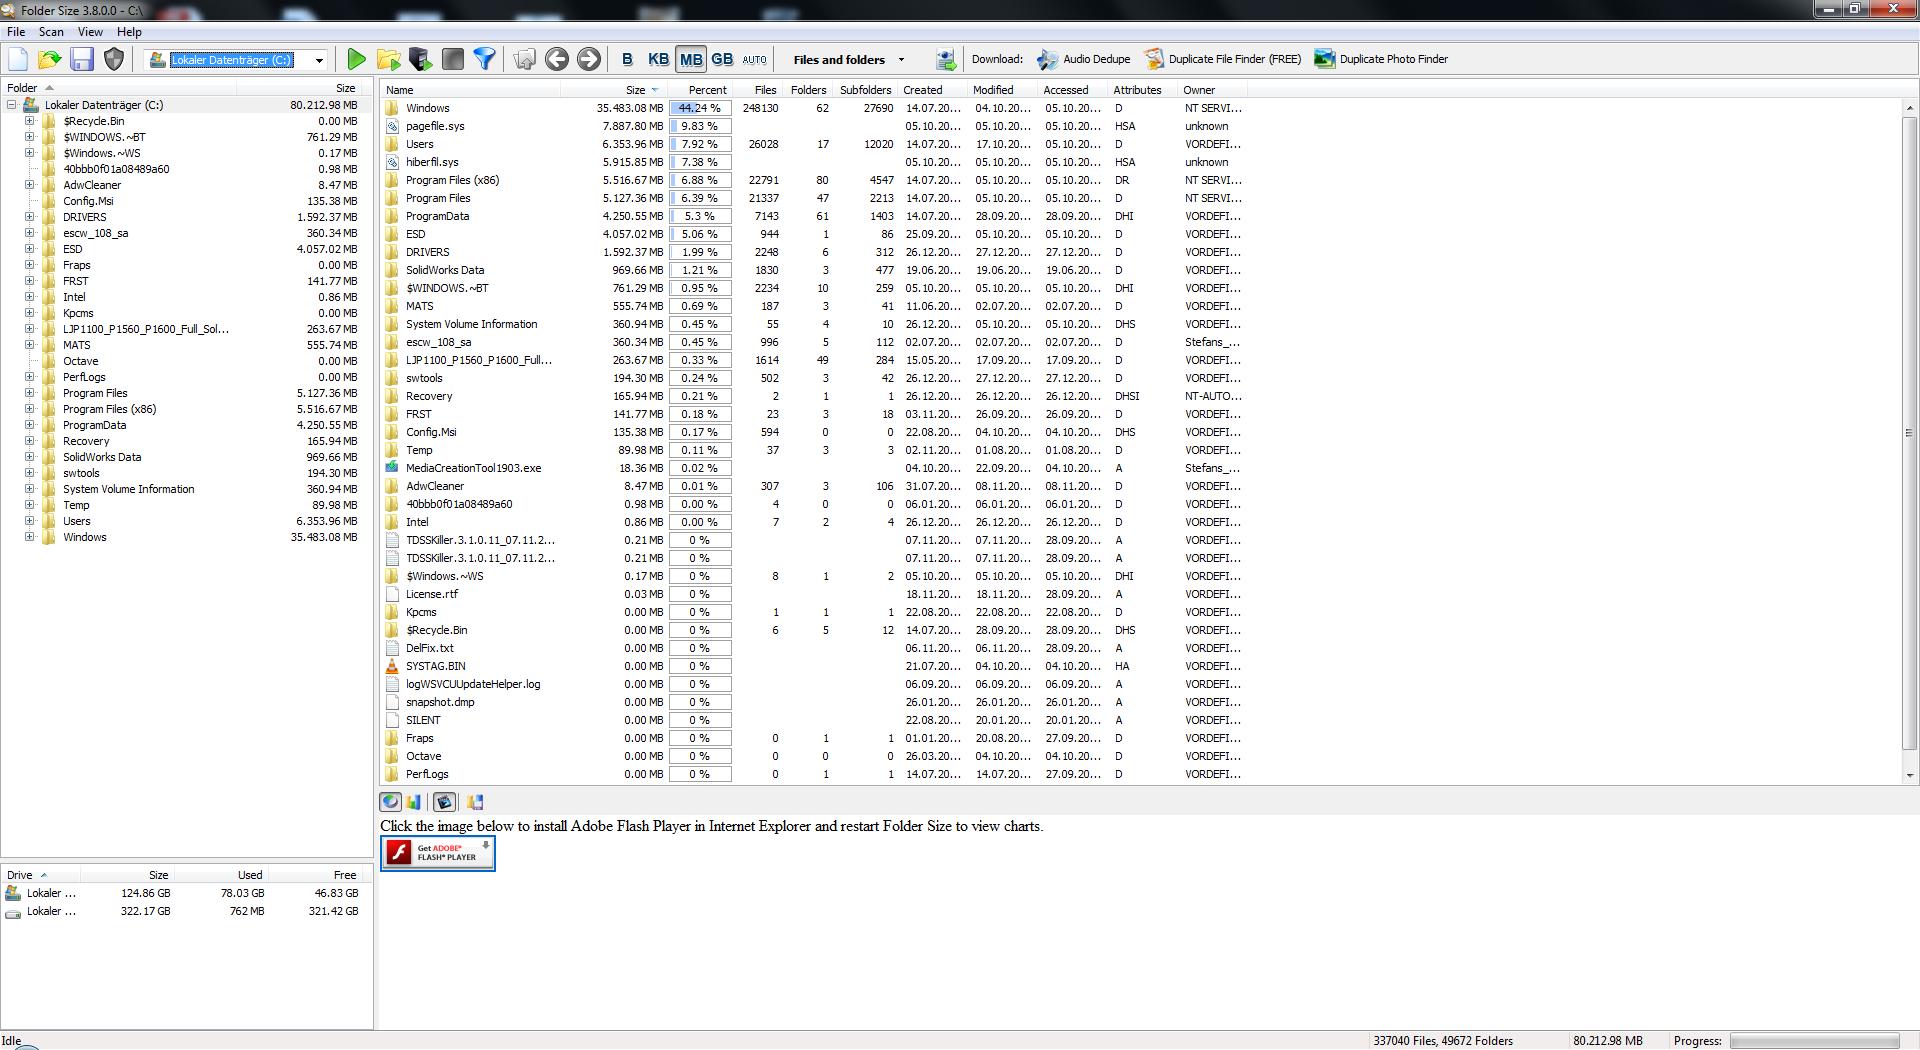 Folder_Size.png